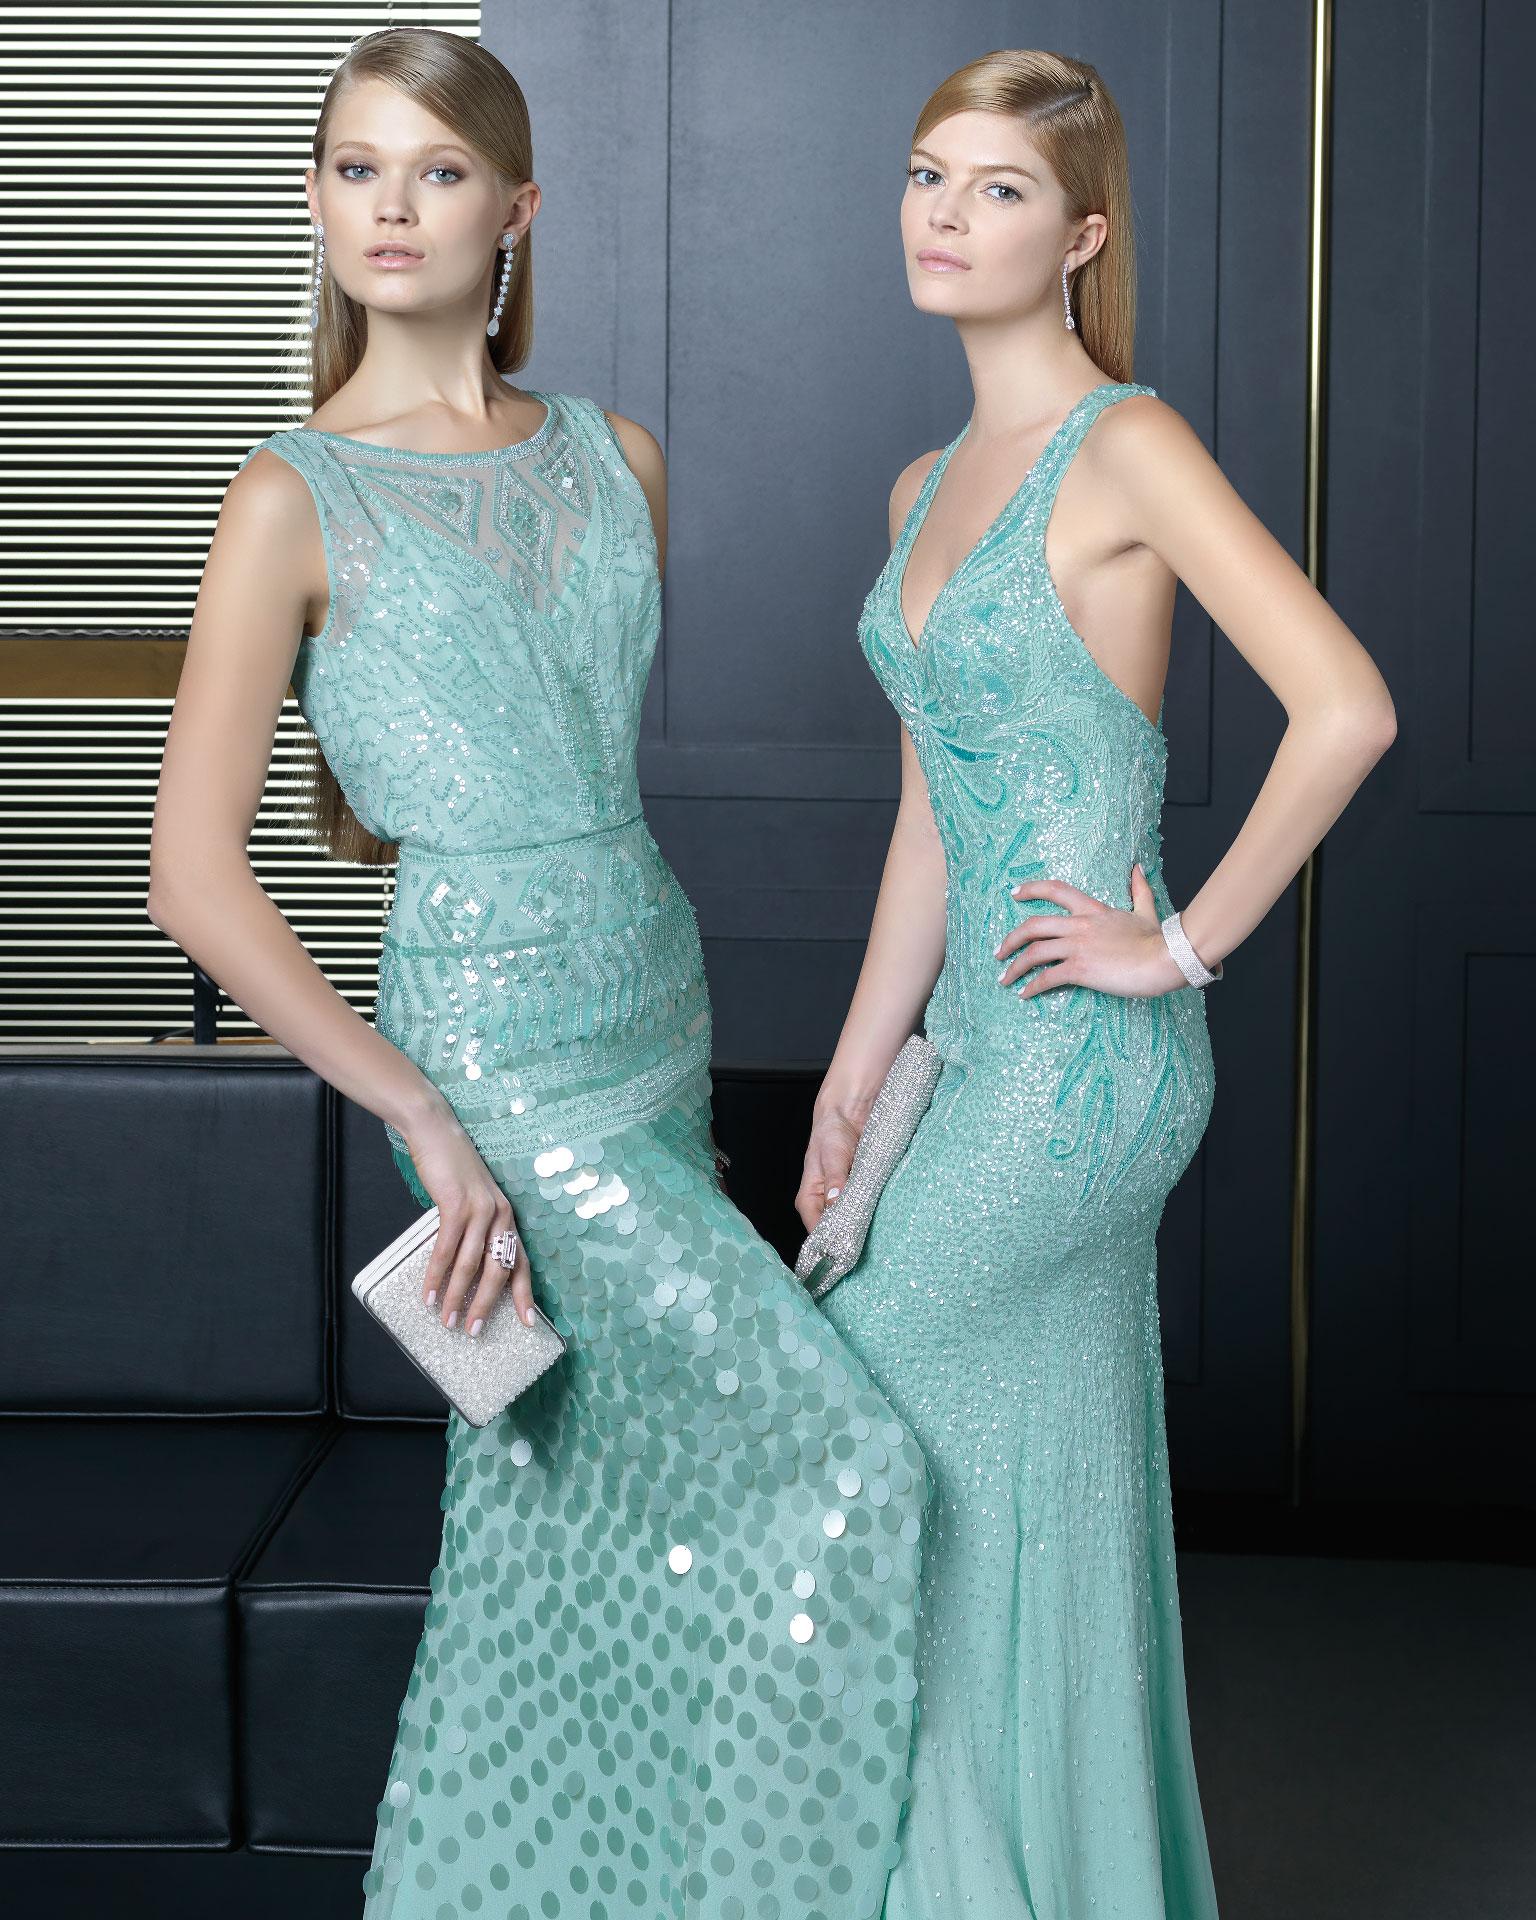 20 vestidos para triunfar como dama de honor - ethereality